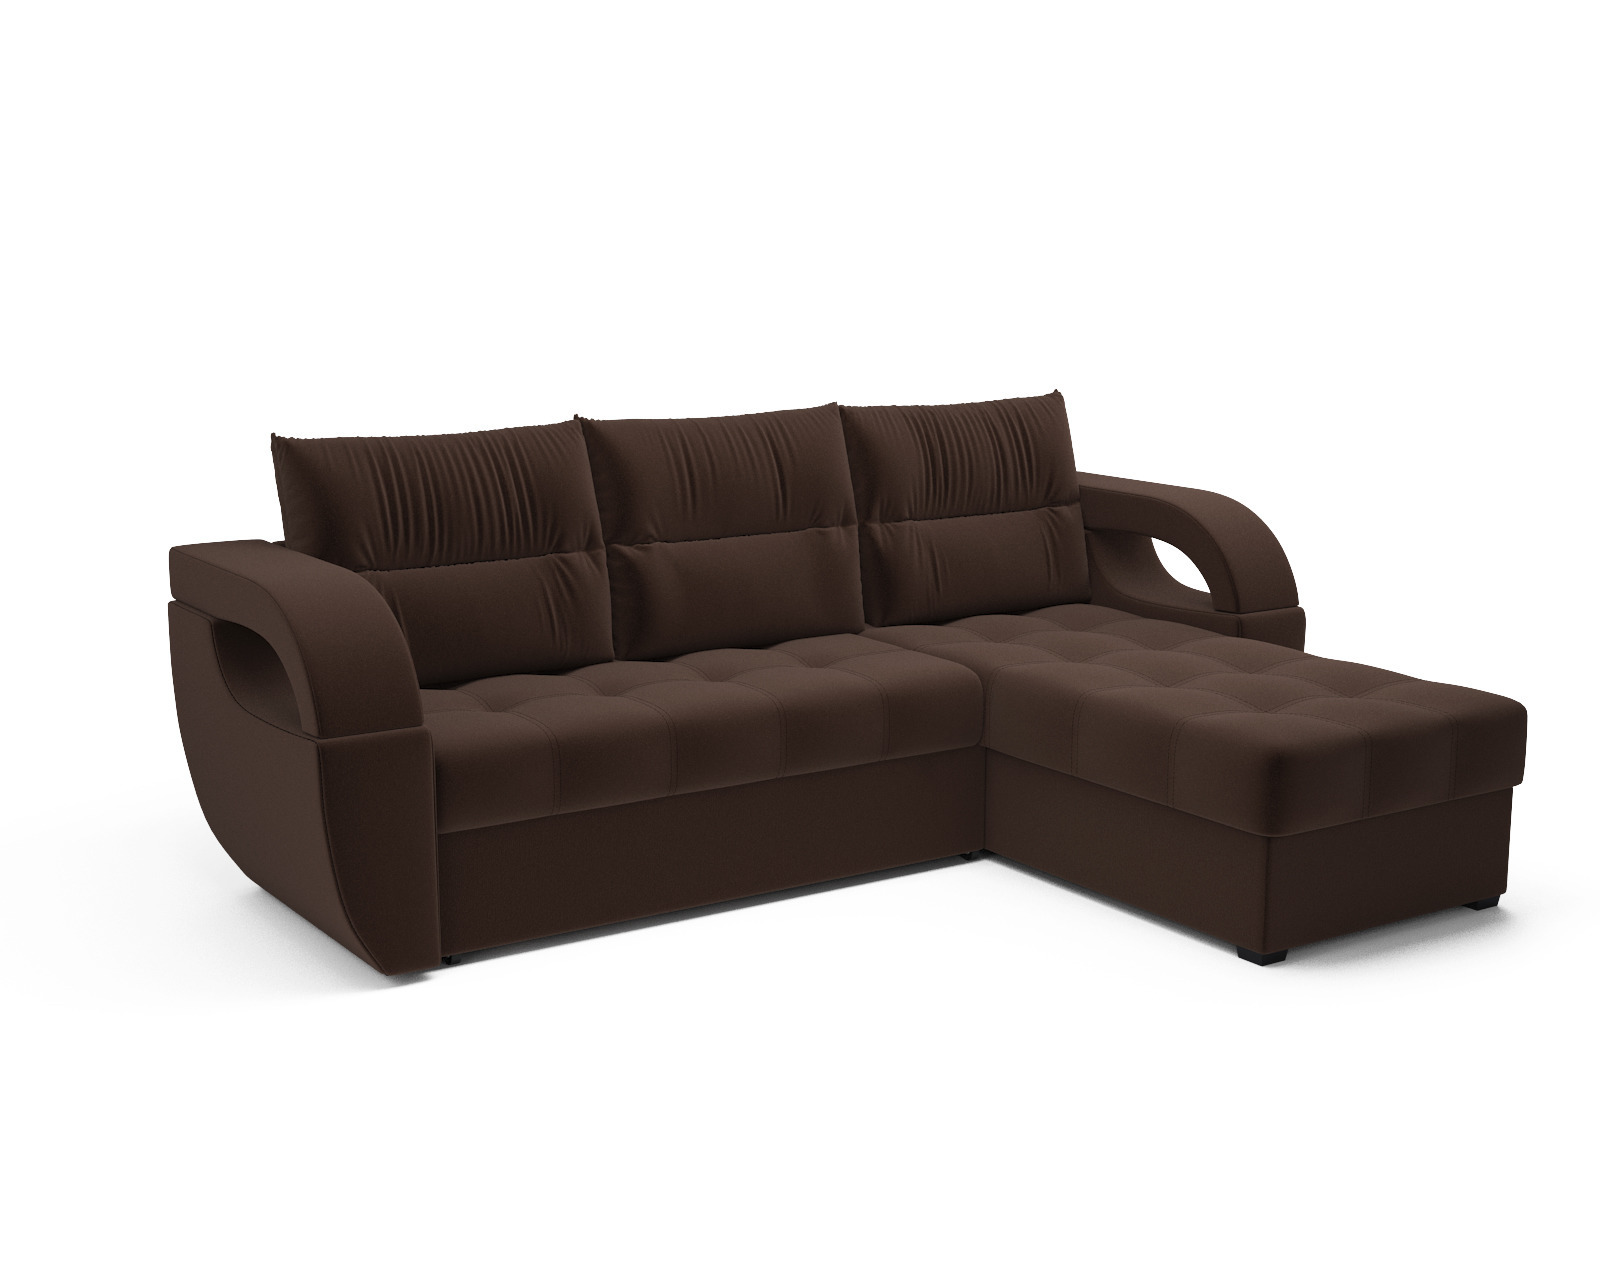 Угловой диван Мартинес (кордрой коричневый) фото